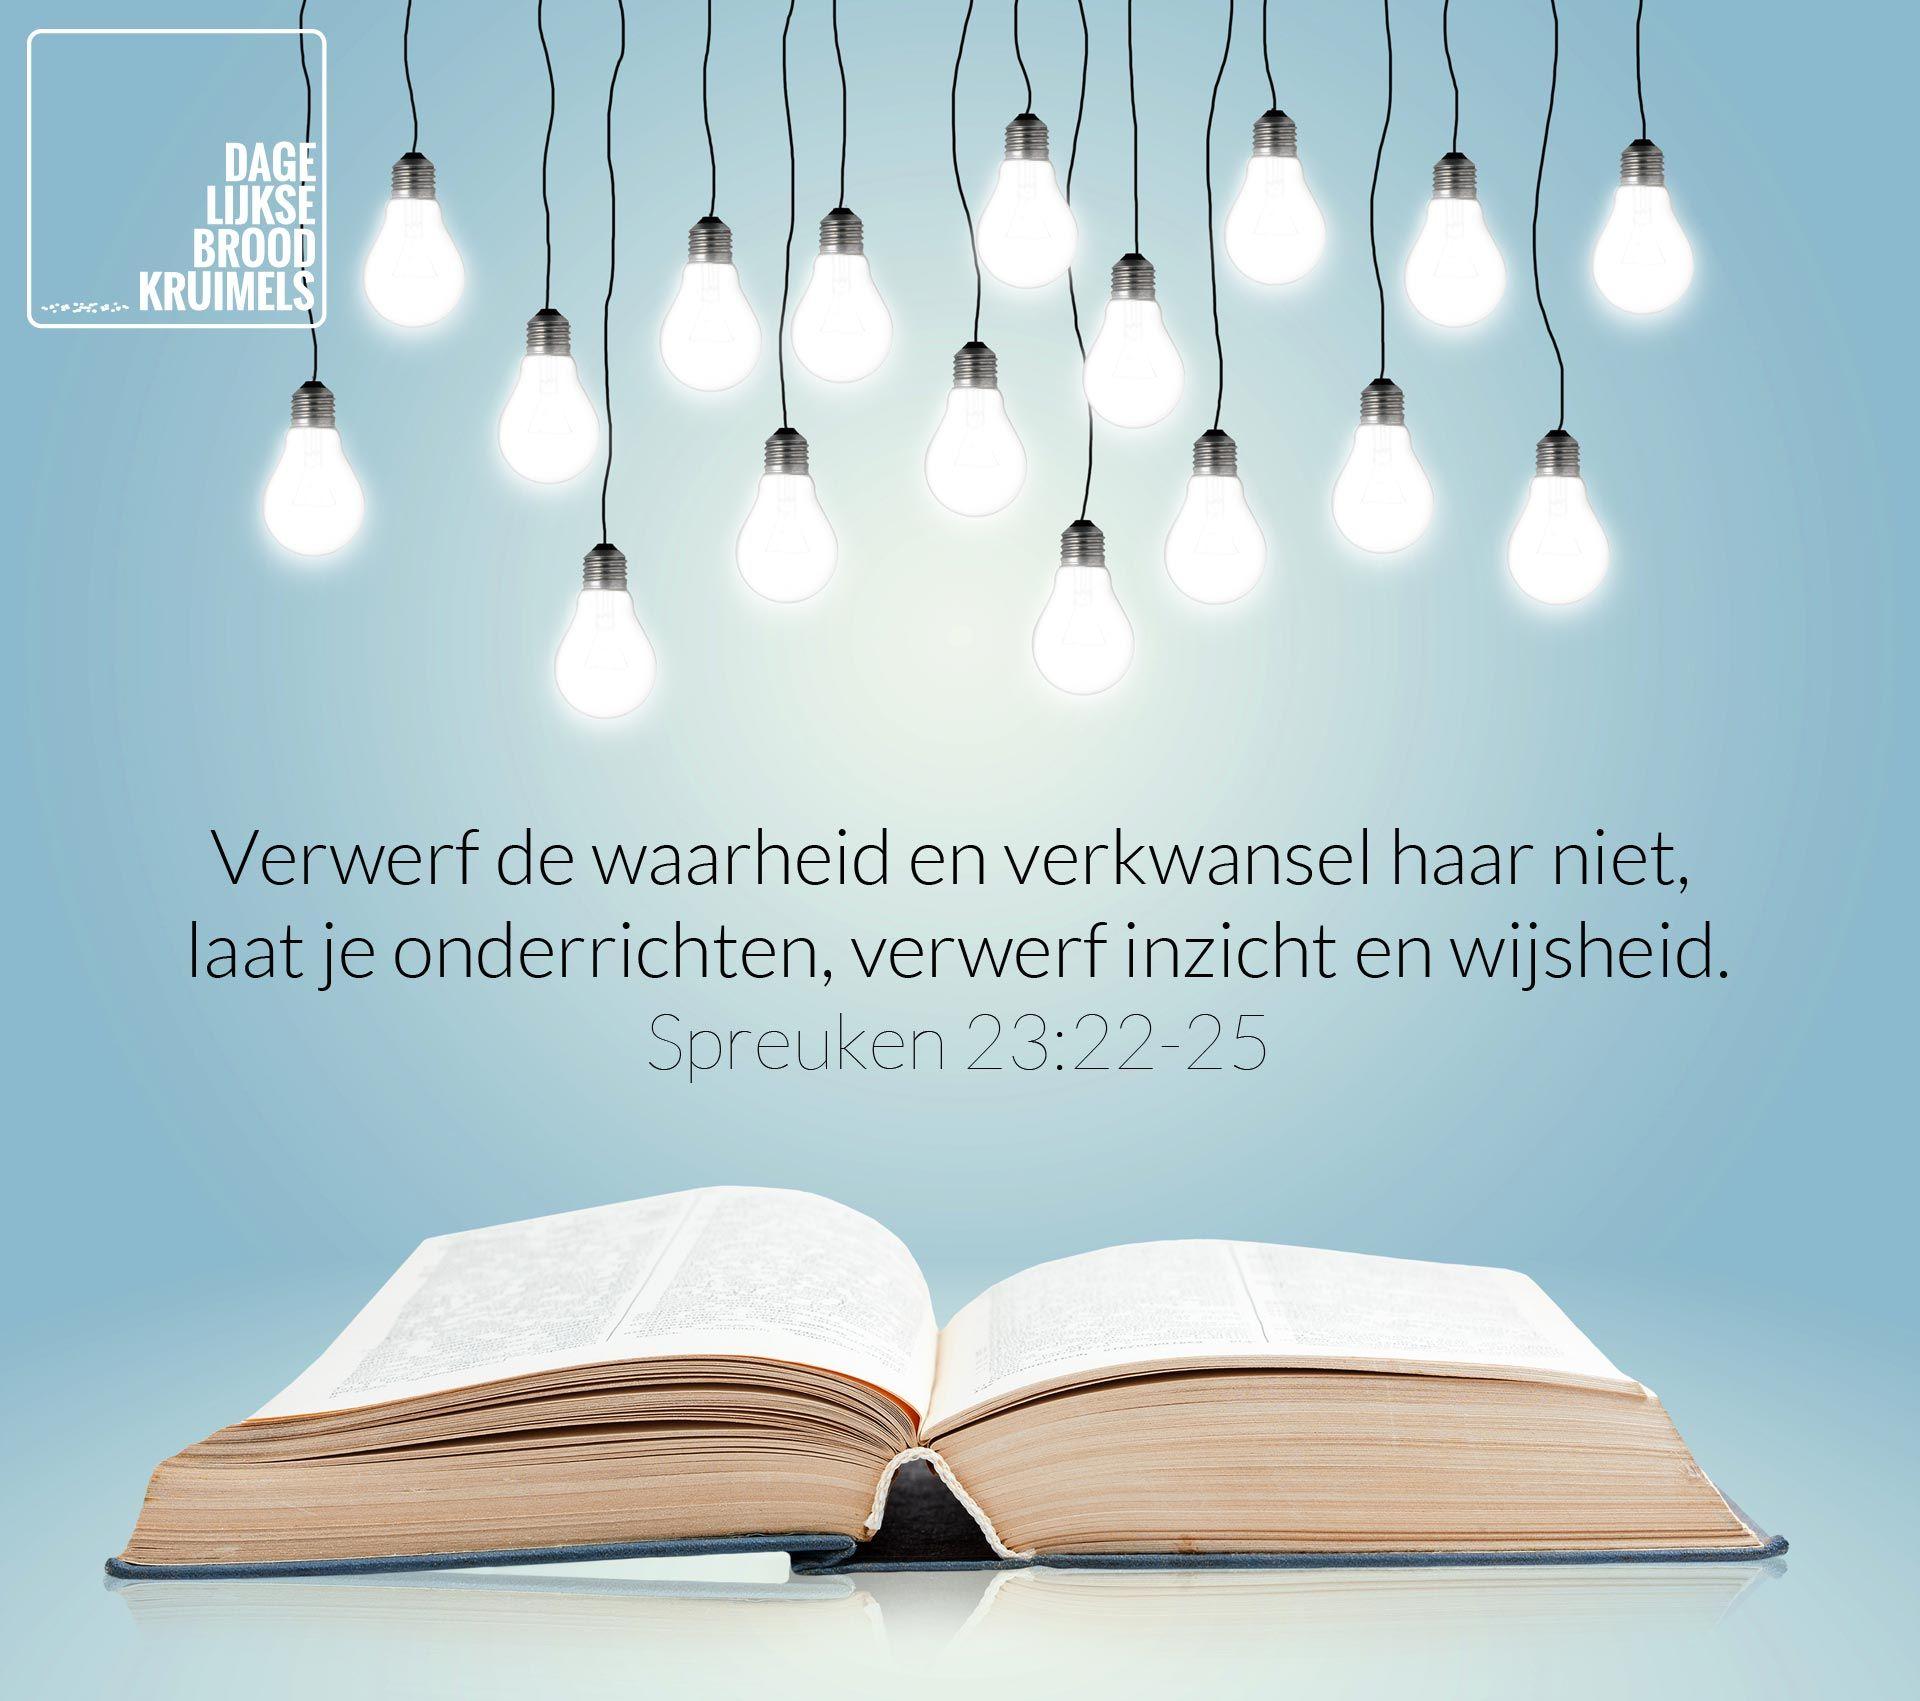 bijbel spreuken wijsheid Spreuken 23:22 25 | BIJBELSE OVERDENKINGEN   Spreuken, Wijsheid en  bijbel spreuken wijsheid